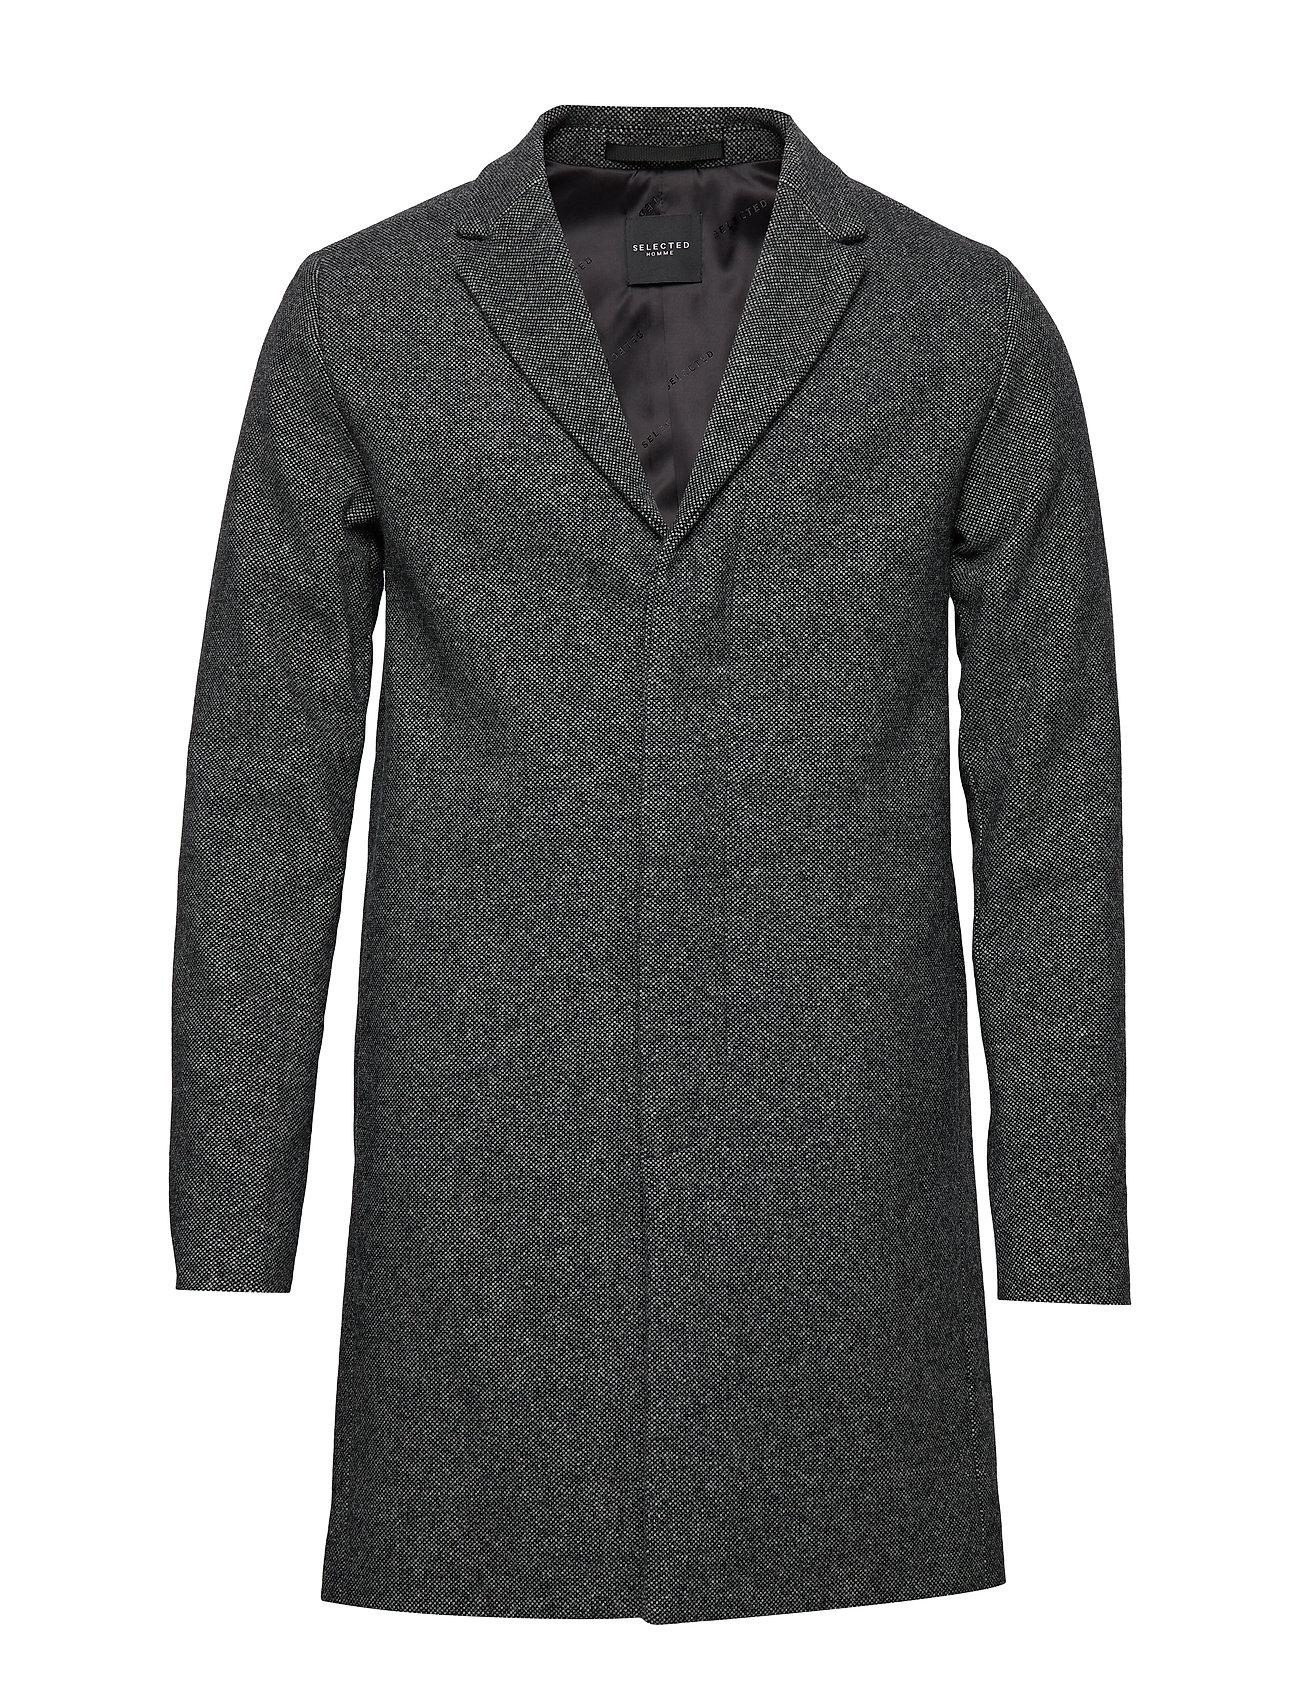 SELECTED Slhbrove Wool Coat B Noos Wollmantel Mantel Grau SELECTED HOMME